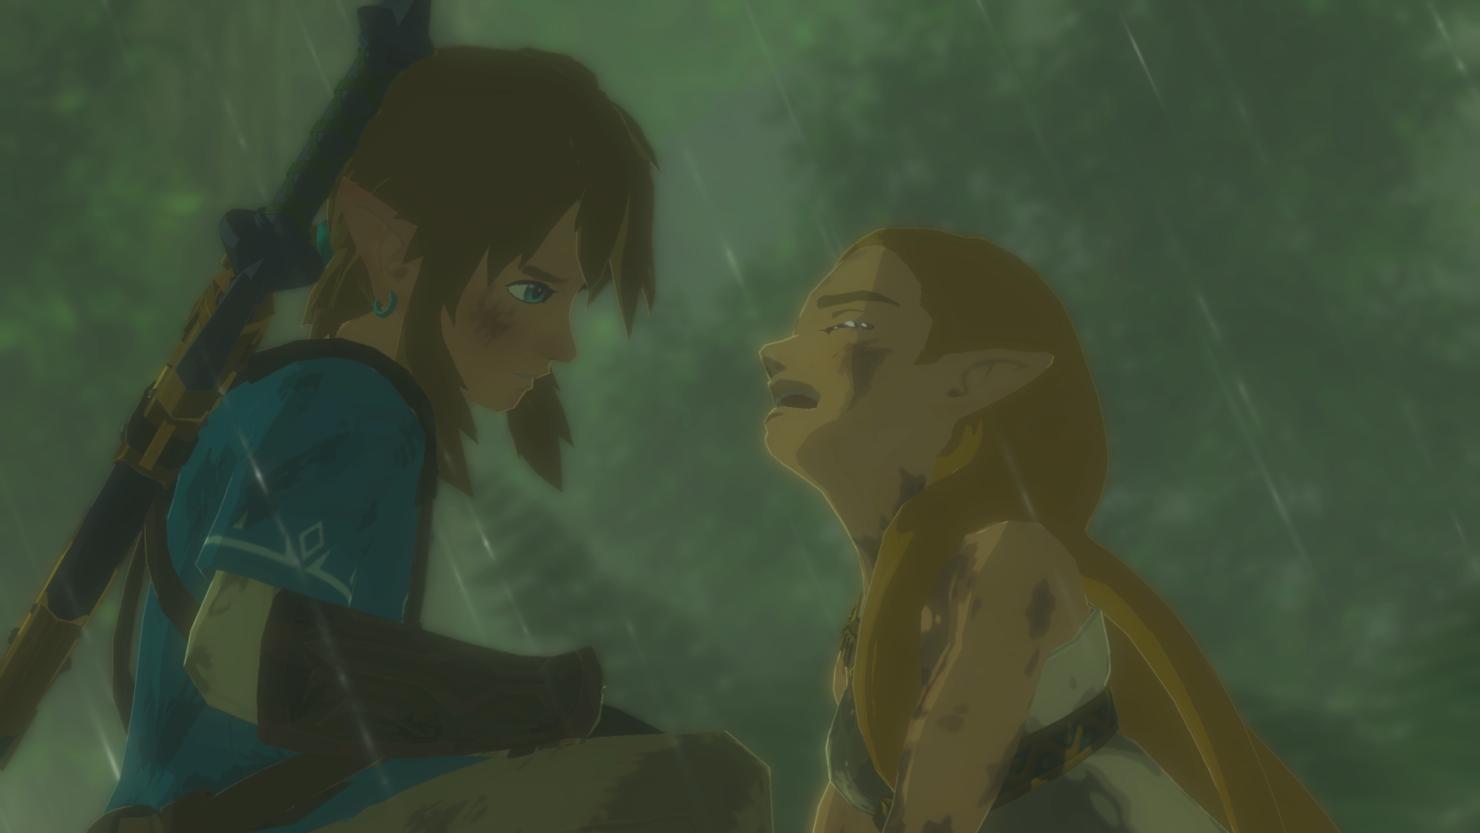 zelda-breath-of-the-wild-screenshots